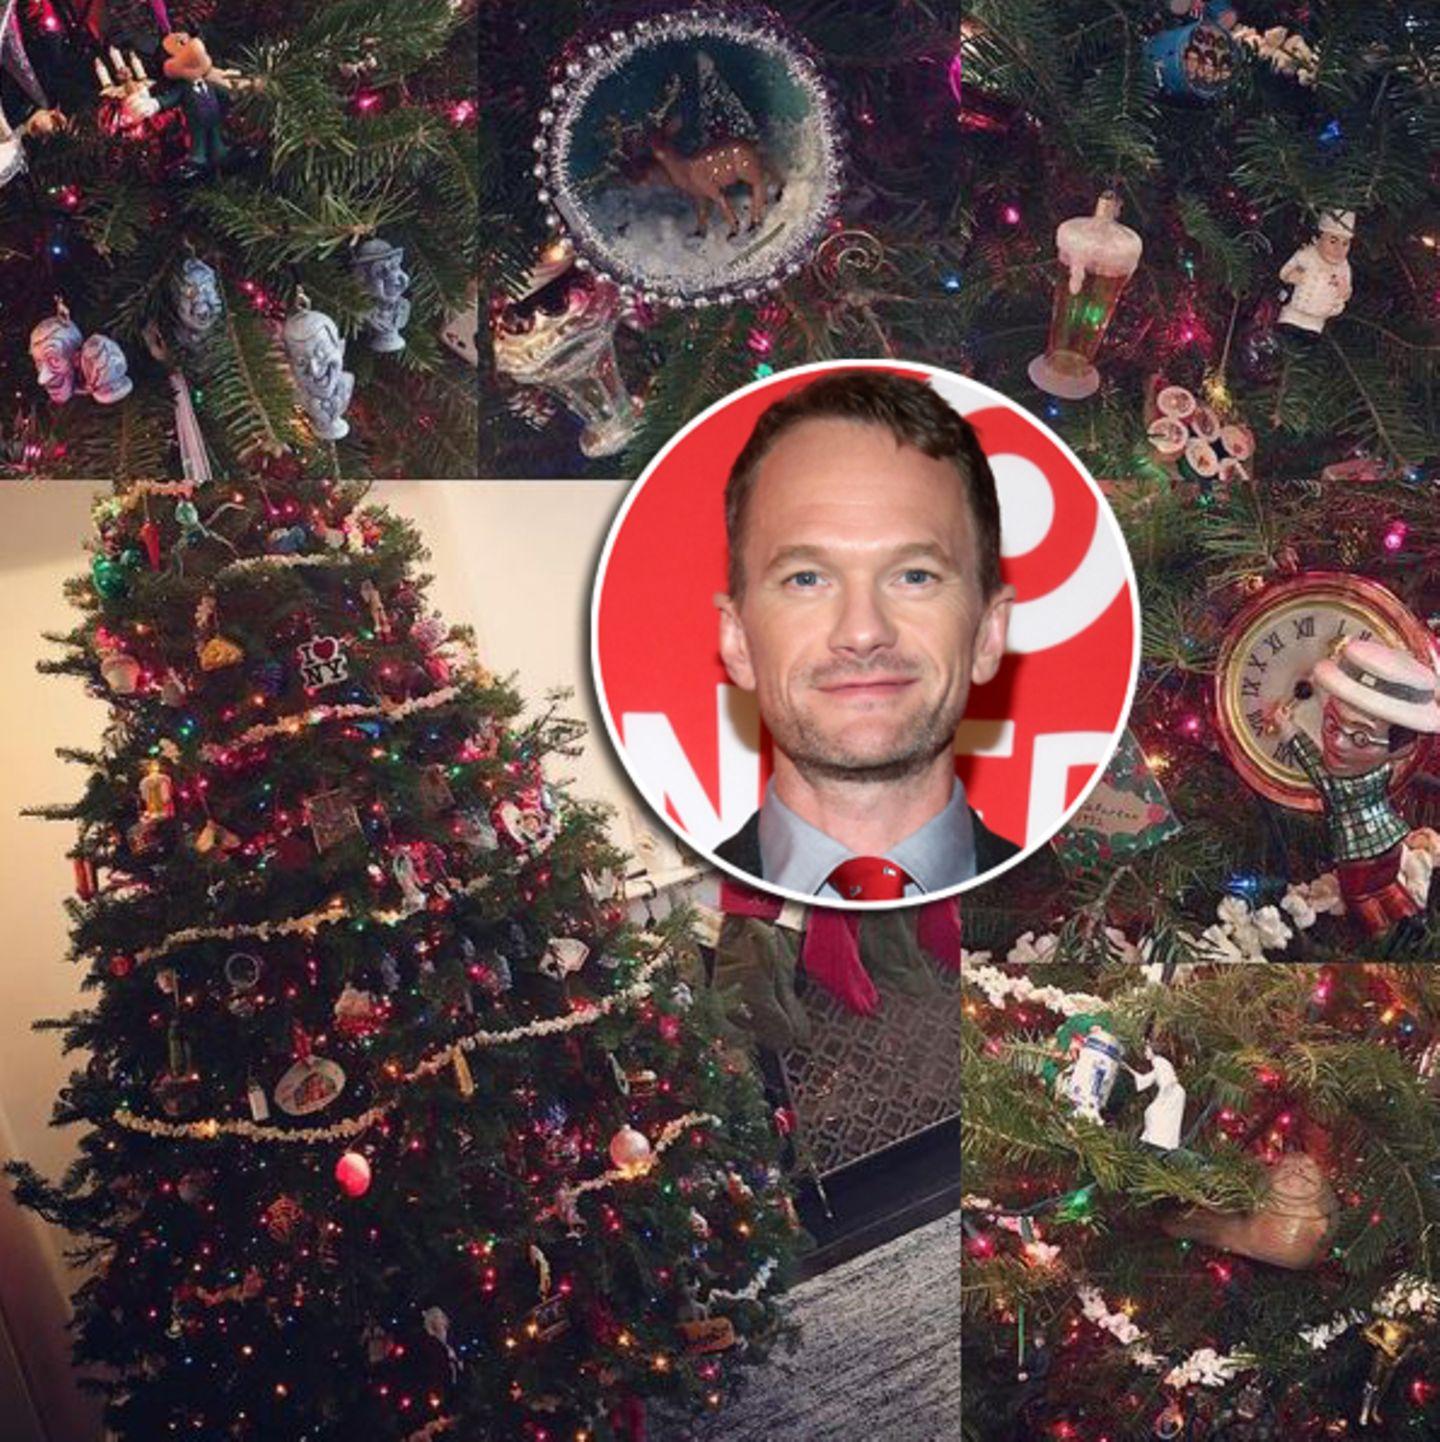 """Besonders viele Kuriositäten landen an dem Tannenbaum von """"HIMXM""""-Star Neil Patrick Harris. Er übernimmt das Schmücken mit großer Freude selber und macht aus dem Baum seiner Familie ein kleines """"Suchspiel""""."""